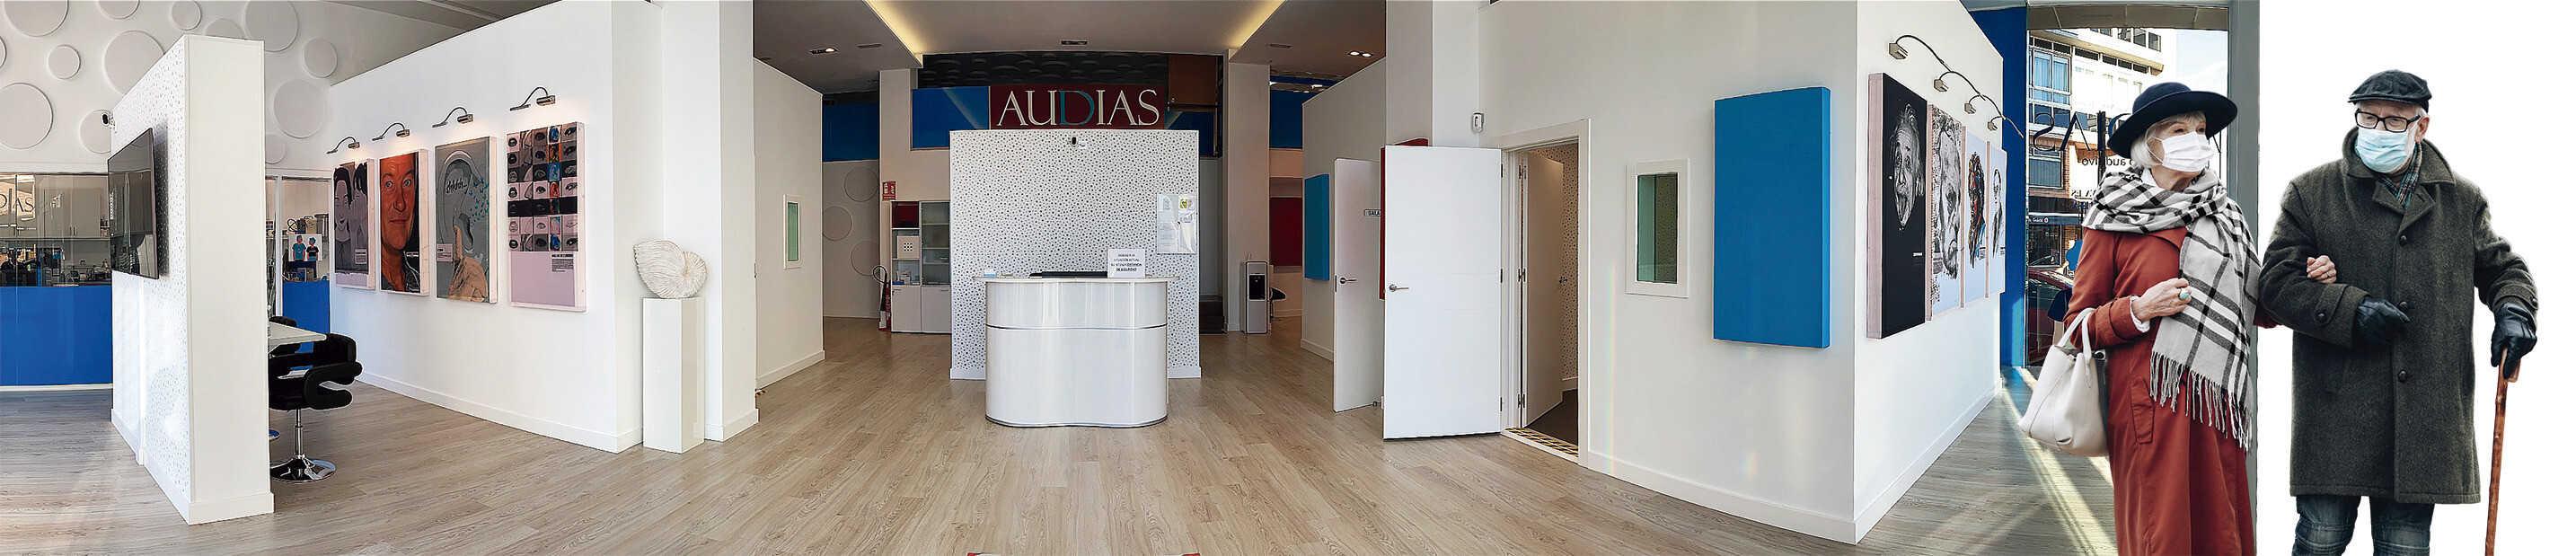 Centro Auditivo Audias A Coruña